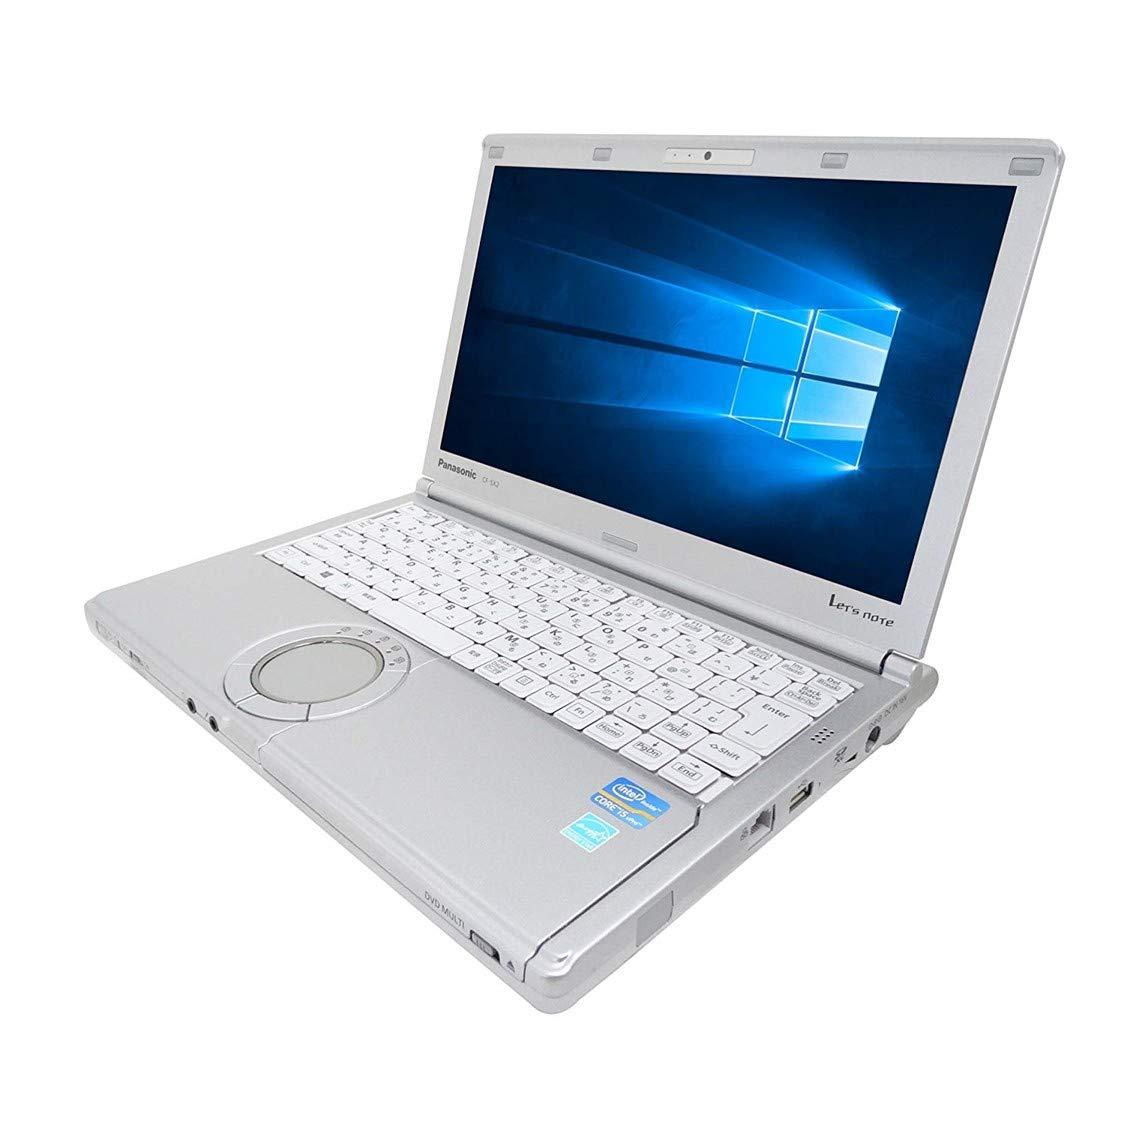 【期間限定特価】 【Microsoft 2016搭載】【Win Office 2016搭載】【Win 10搭載】Panasonic B01NH0EUBA CF-NX2/第三世代Core i5-3320M i5-3320M 2.6GHz/メモリ8GB/新品SSD:240GB/12インチワイド液晶/無線搭載/HDMI/USB3.0/中古ノートパソコン (新品SSD:240GB) B01NH0EUBA ハードディスク:320GB ハードディスク:320GB, タックルアイランド:f05ade27 --- arbimovel.dominiotemporario.com